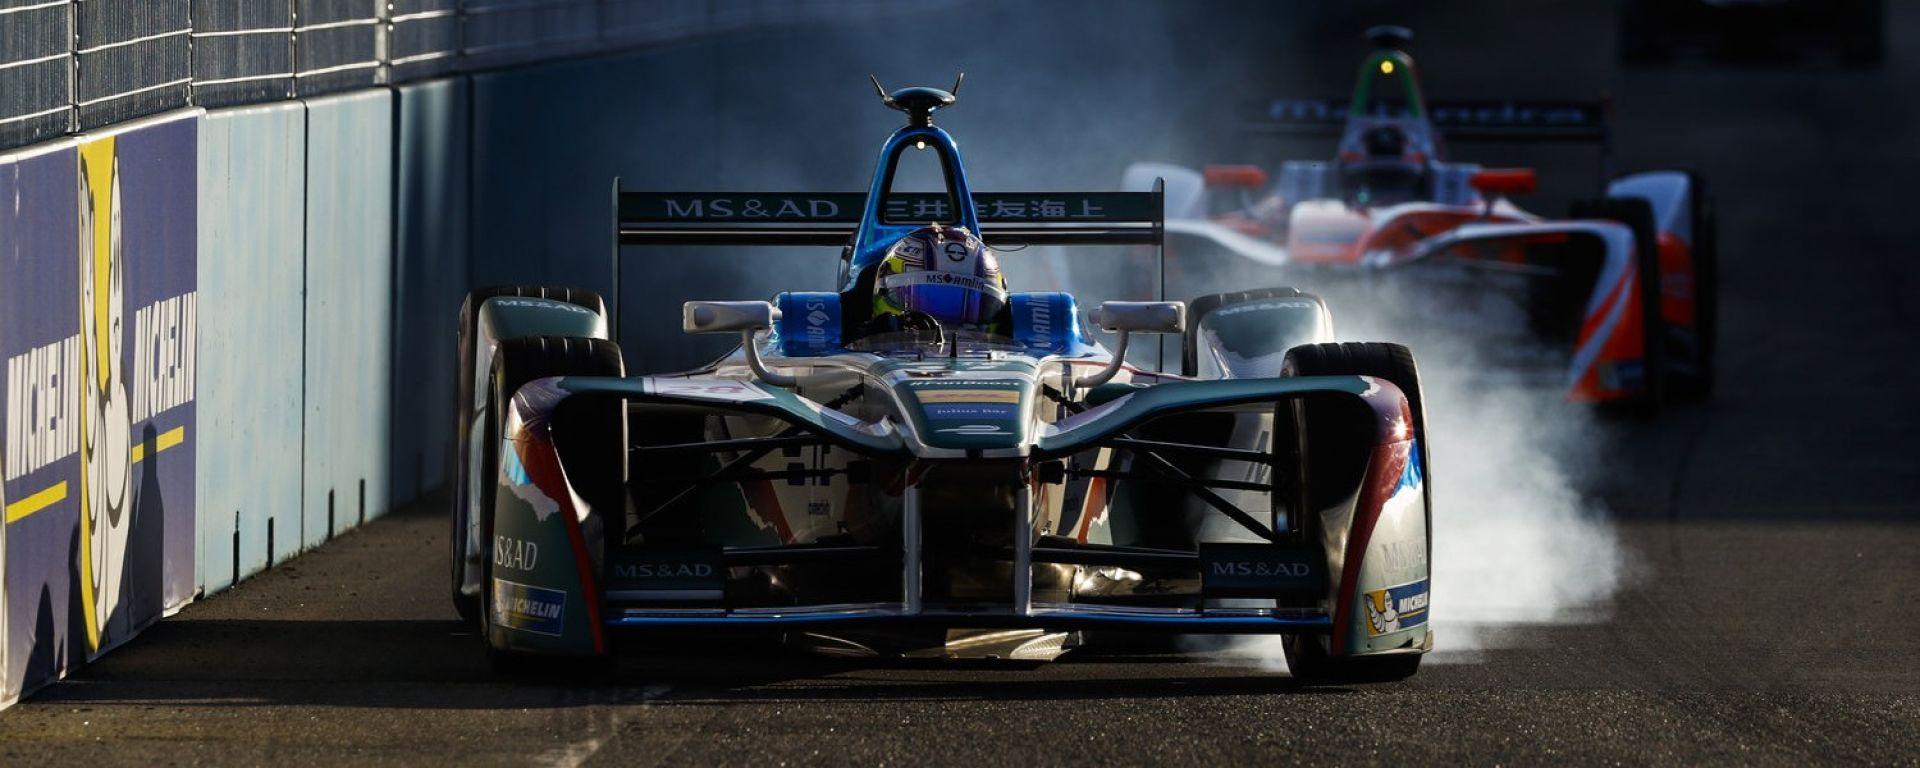 Formula E GP New York Usa 2018, tutte le info: orari, risultati prove, qualifica, gara